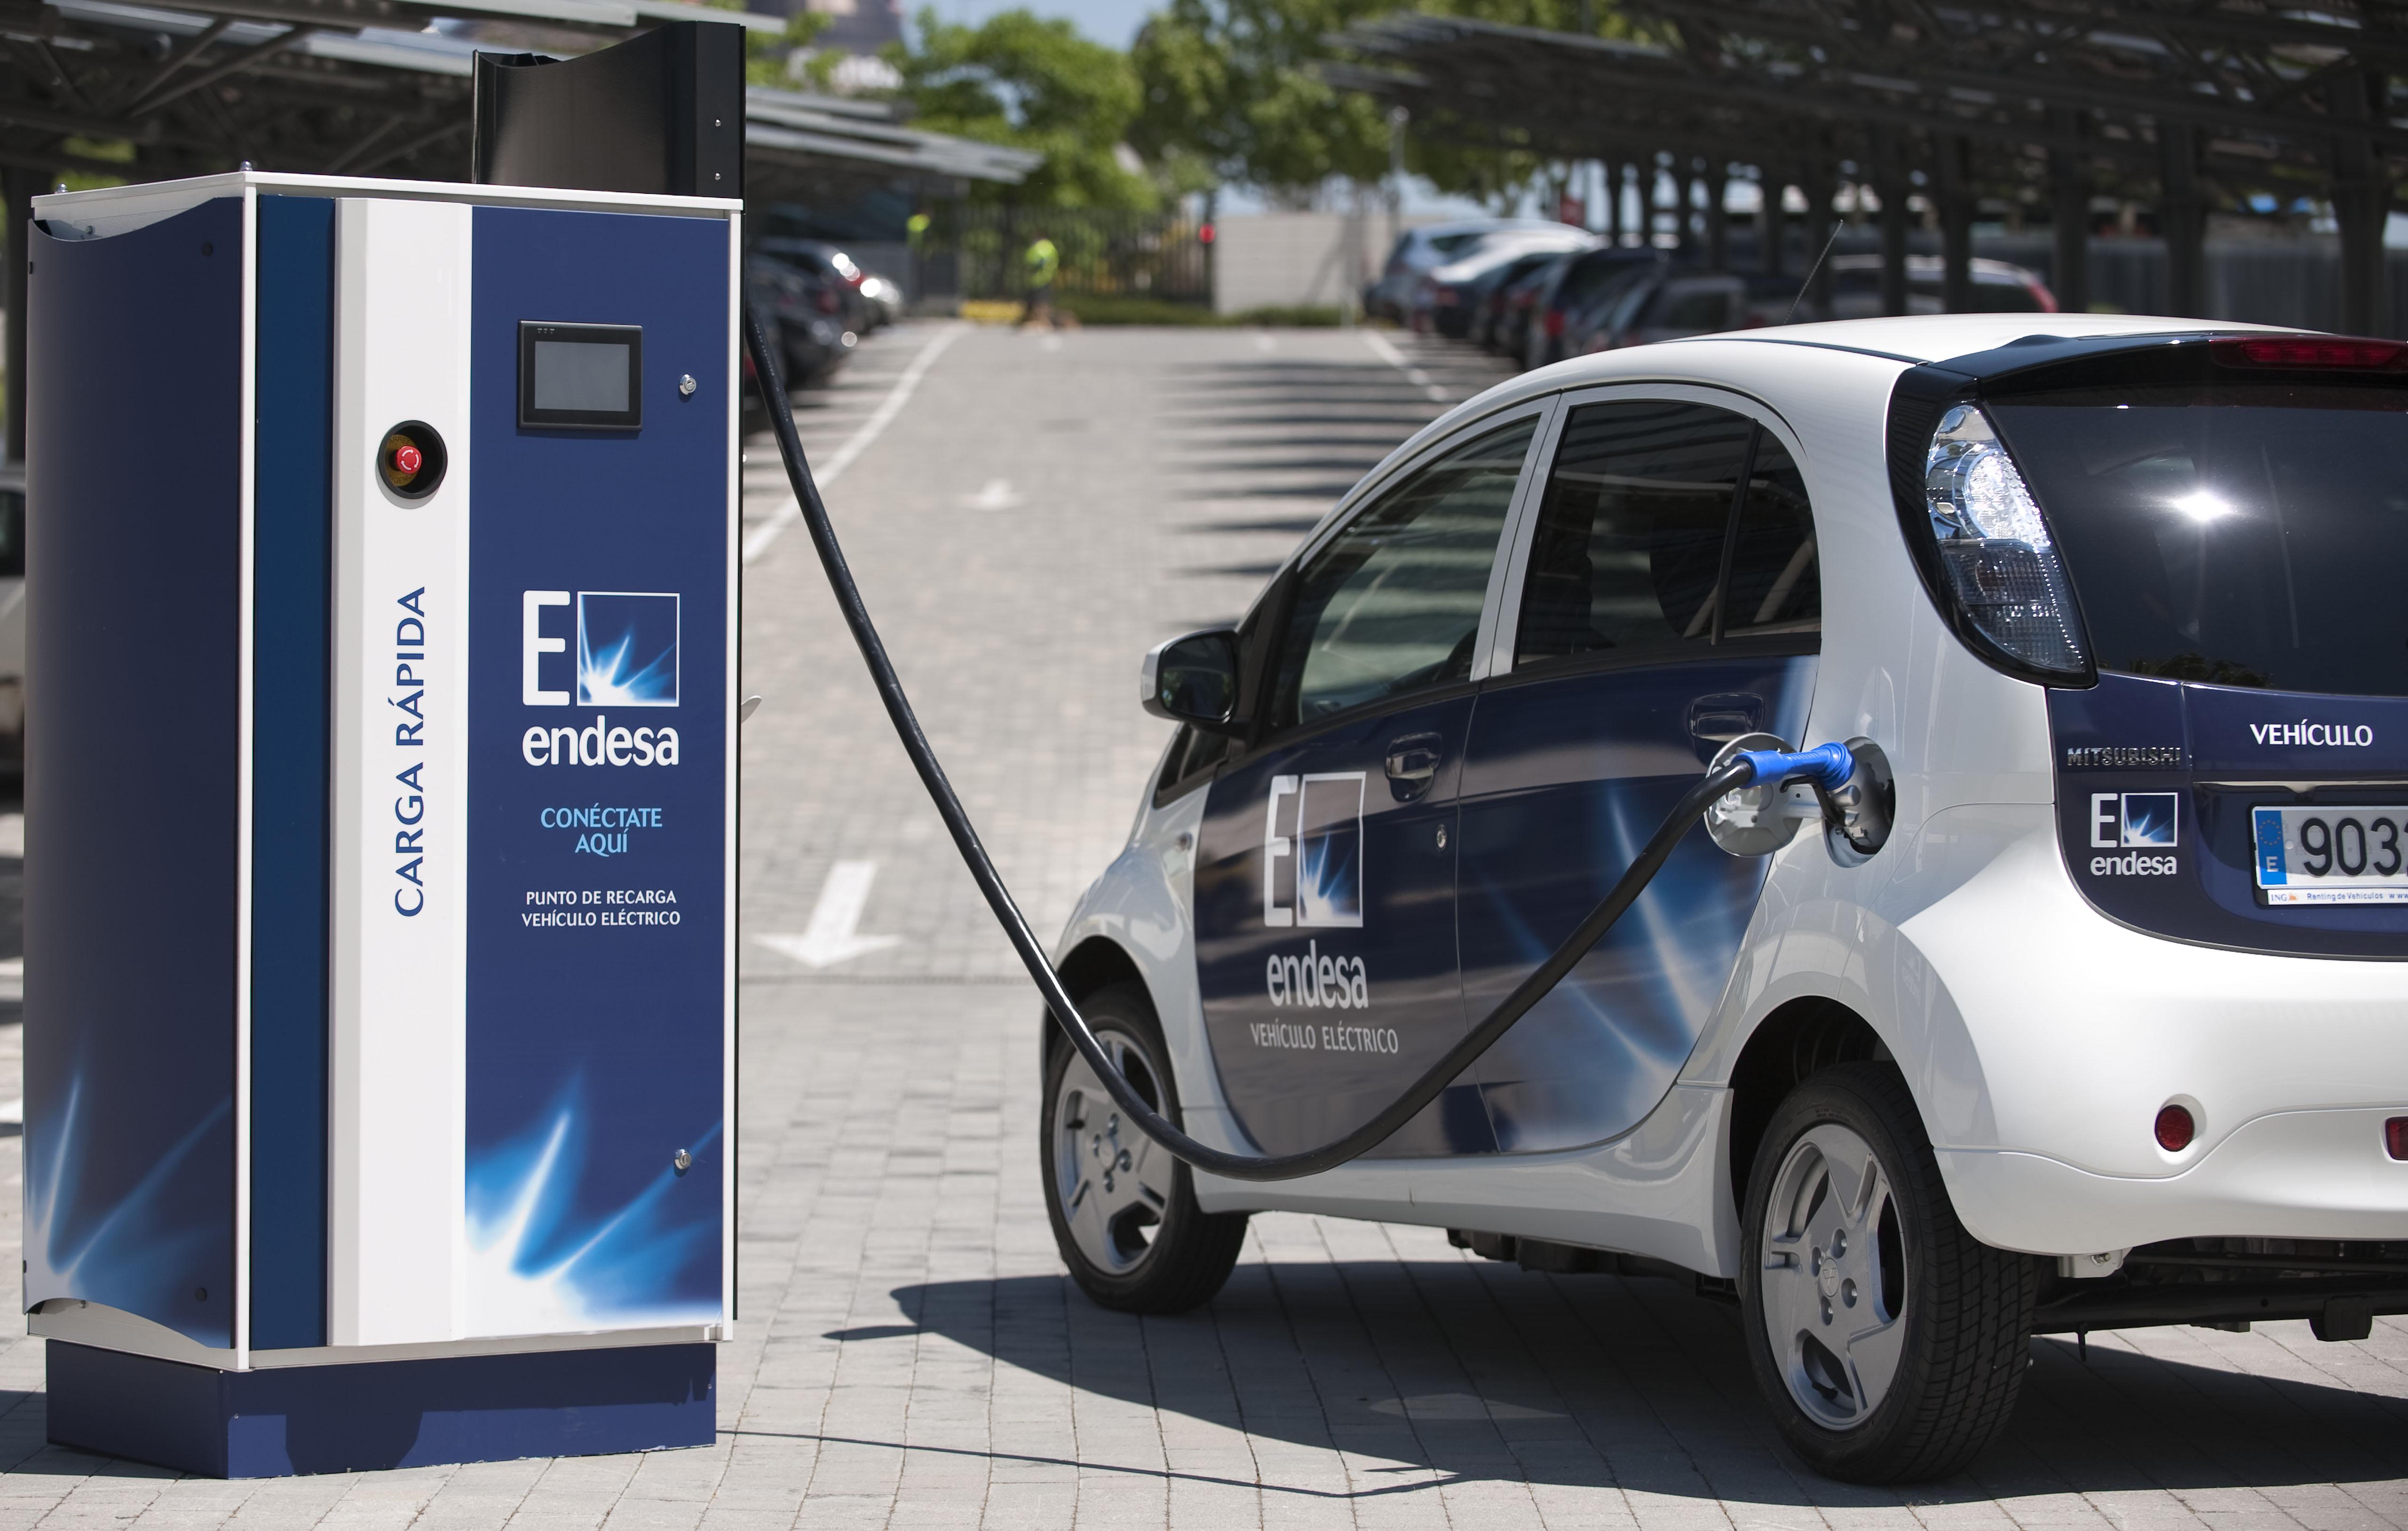 Mantener un coche eléctrico es tres veces más barato que un híbrido Según Audatex, con una distancia recorrida de 120.000 kilómetros, el coste de mantenimiento de un coche eléctrico se sitúa en 1.156 euros, por los 3.200 de los vehículos híbridos o los poco más de 2.000 de los modelos de gasolina y diésel.